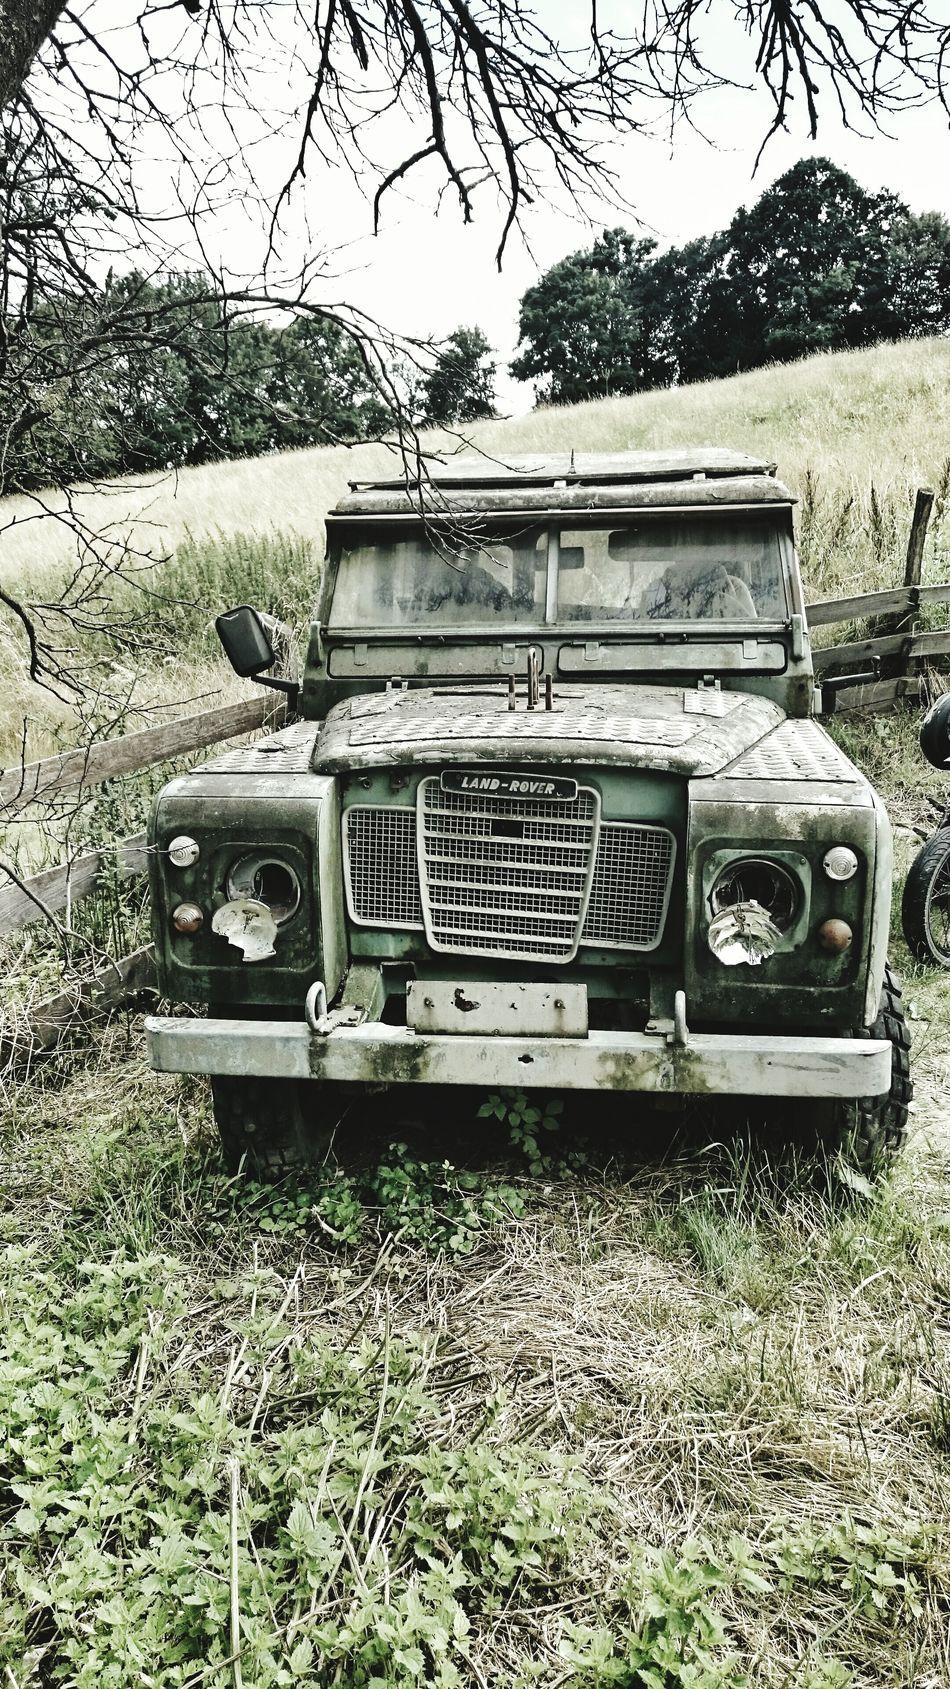 Car Car Show Carporn Old But Awesome Oldtimer Old Car Oldie  Defender Defender90 Defender_life_style Defender World Land Vehicle Landrover Defender Landrover  Landroverphotos Landroverlove